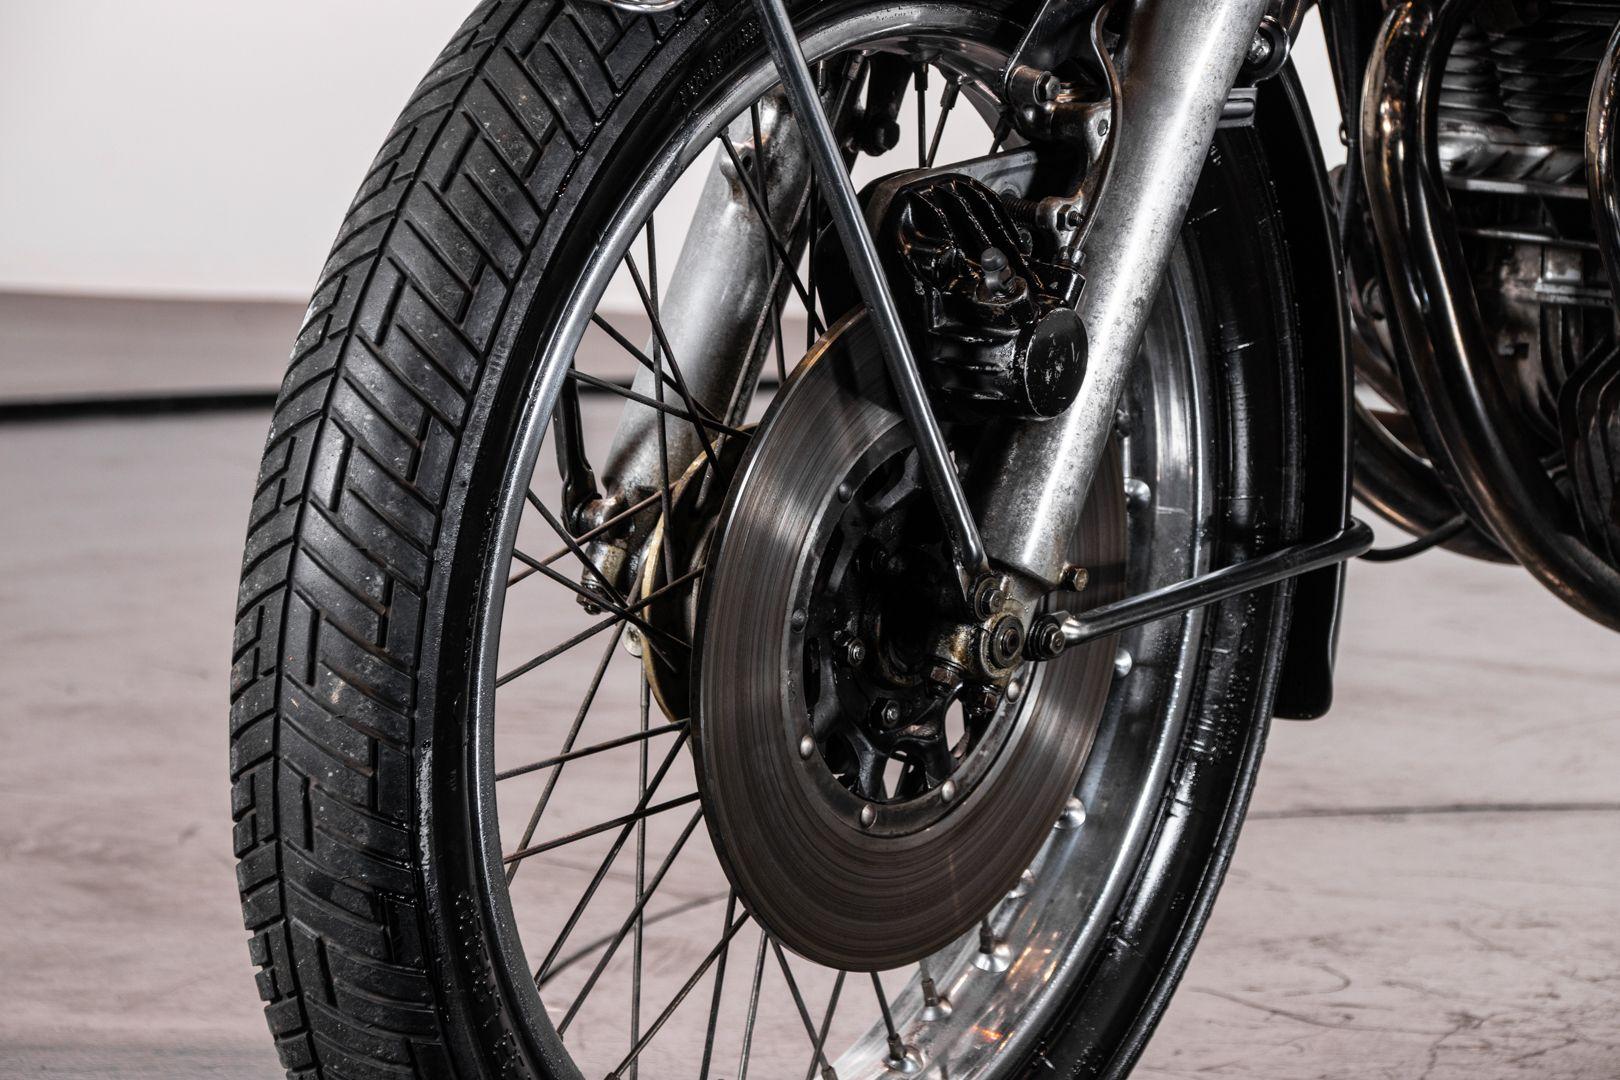 1972 Honda CB 750 Four 67814